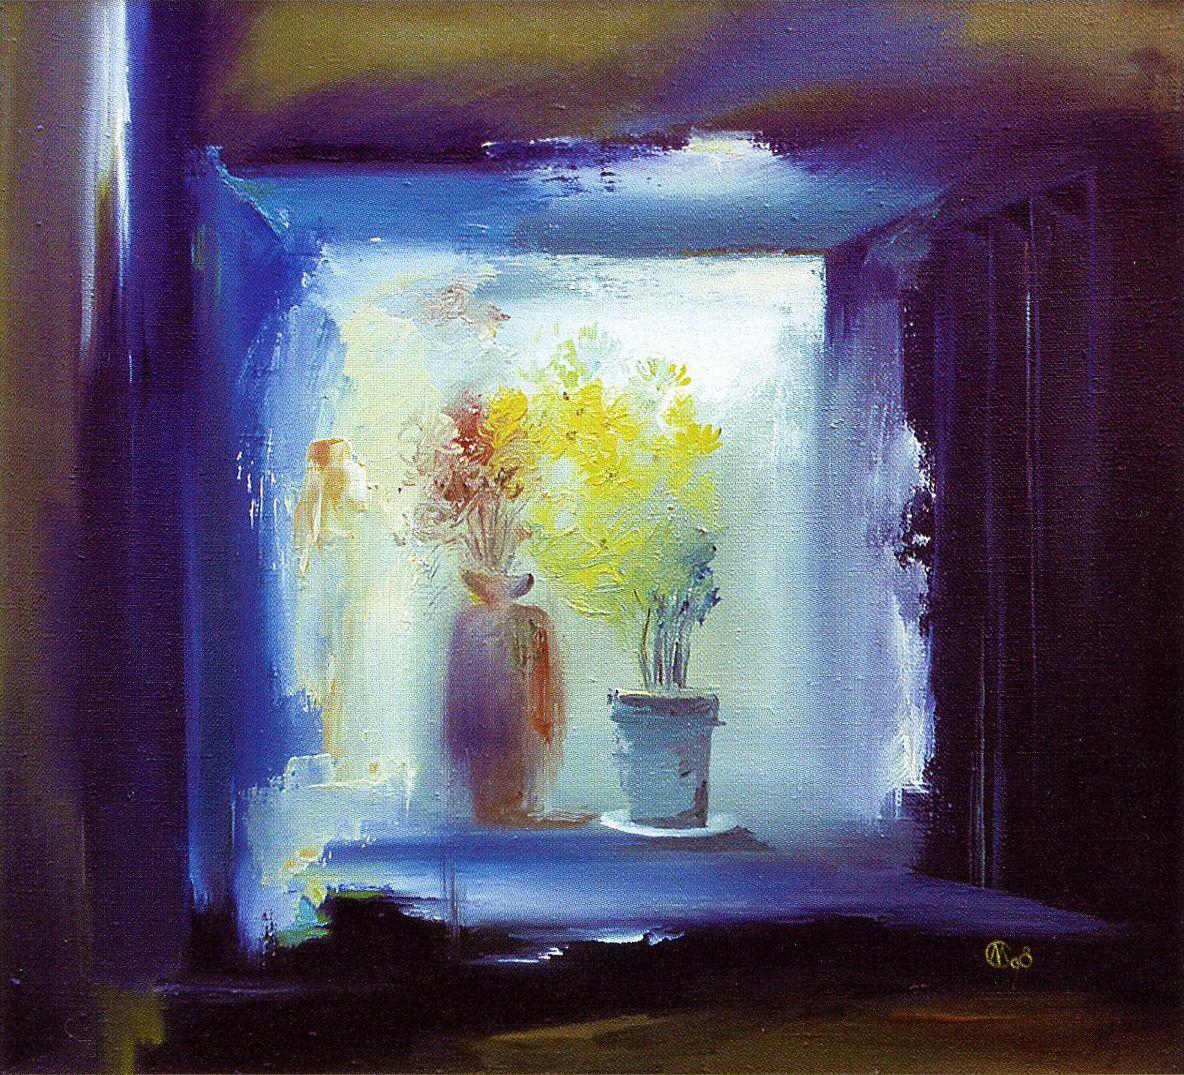 Євген Манишин. Натюрморт з квітами, 1998